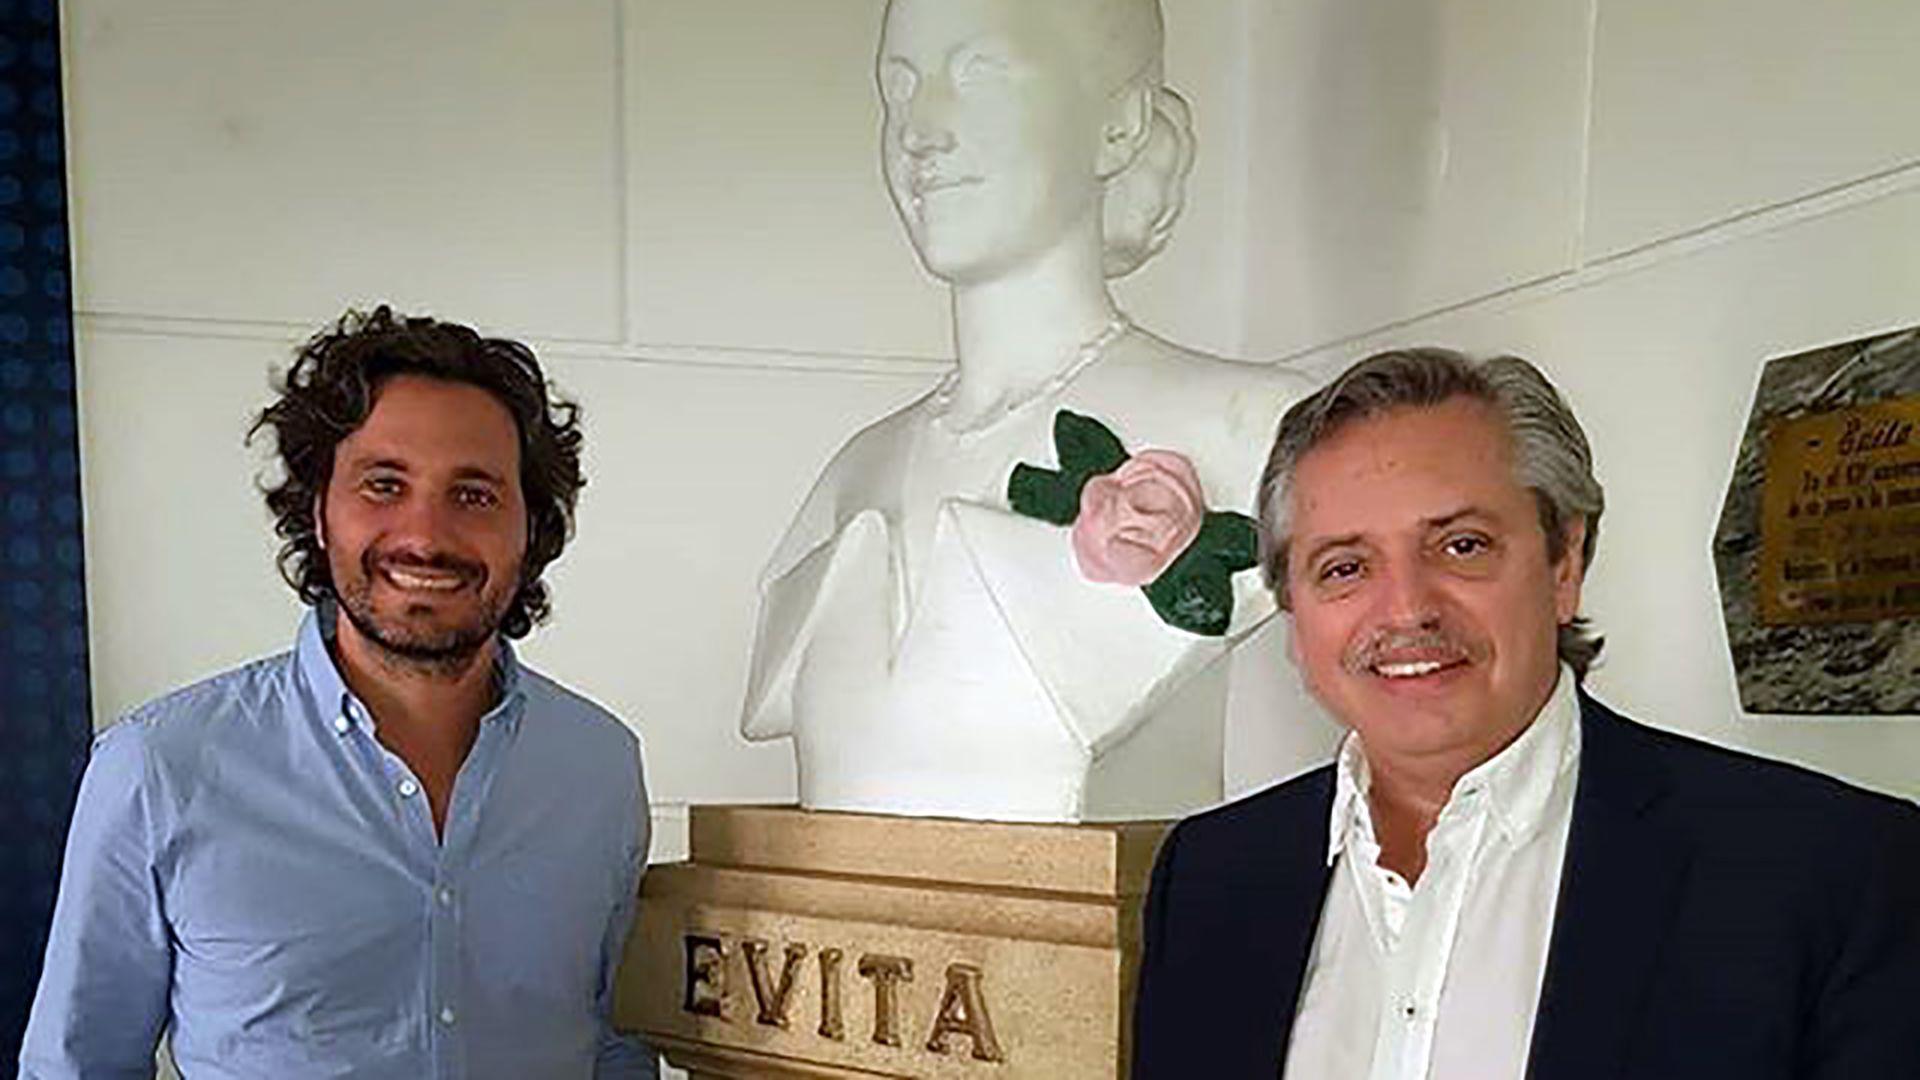 Cafiero y Fernández junto a un monumento a Evita